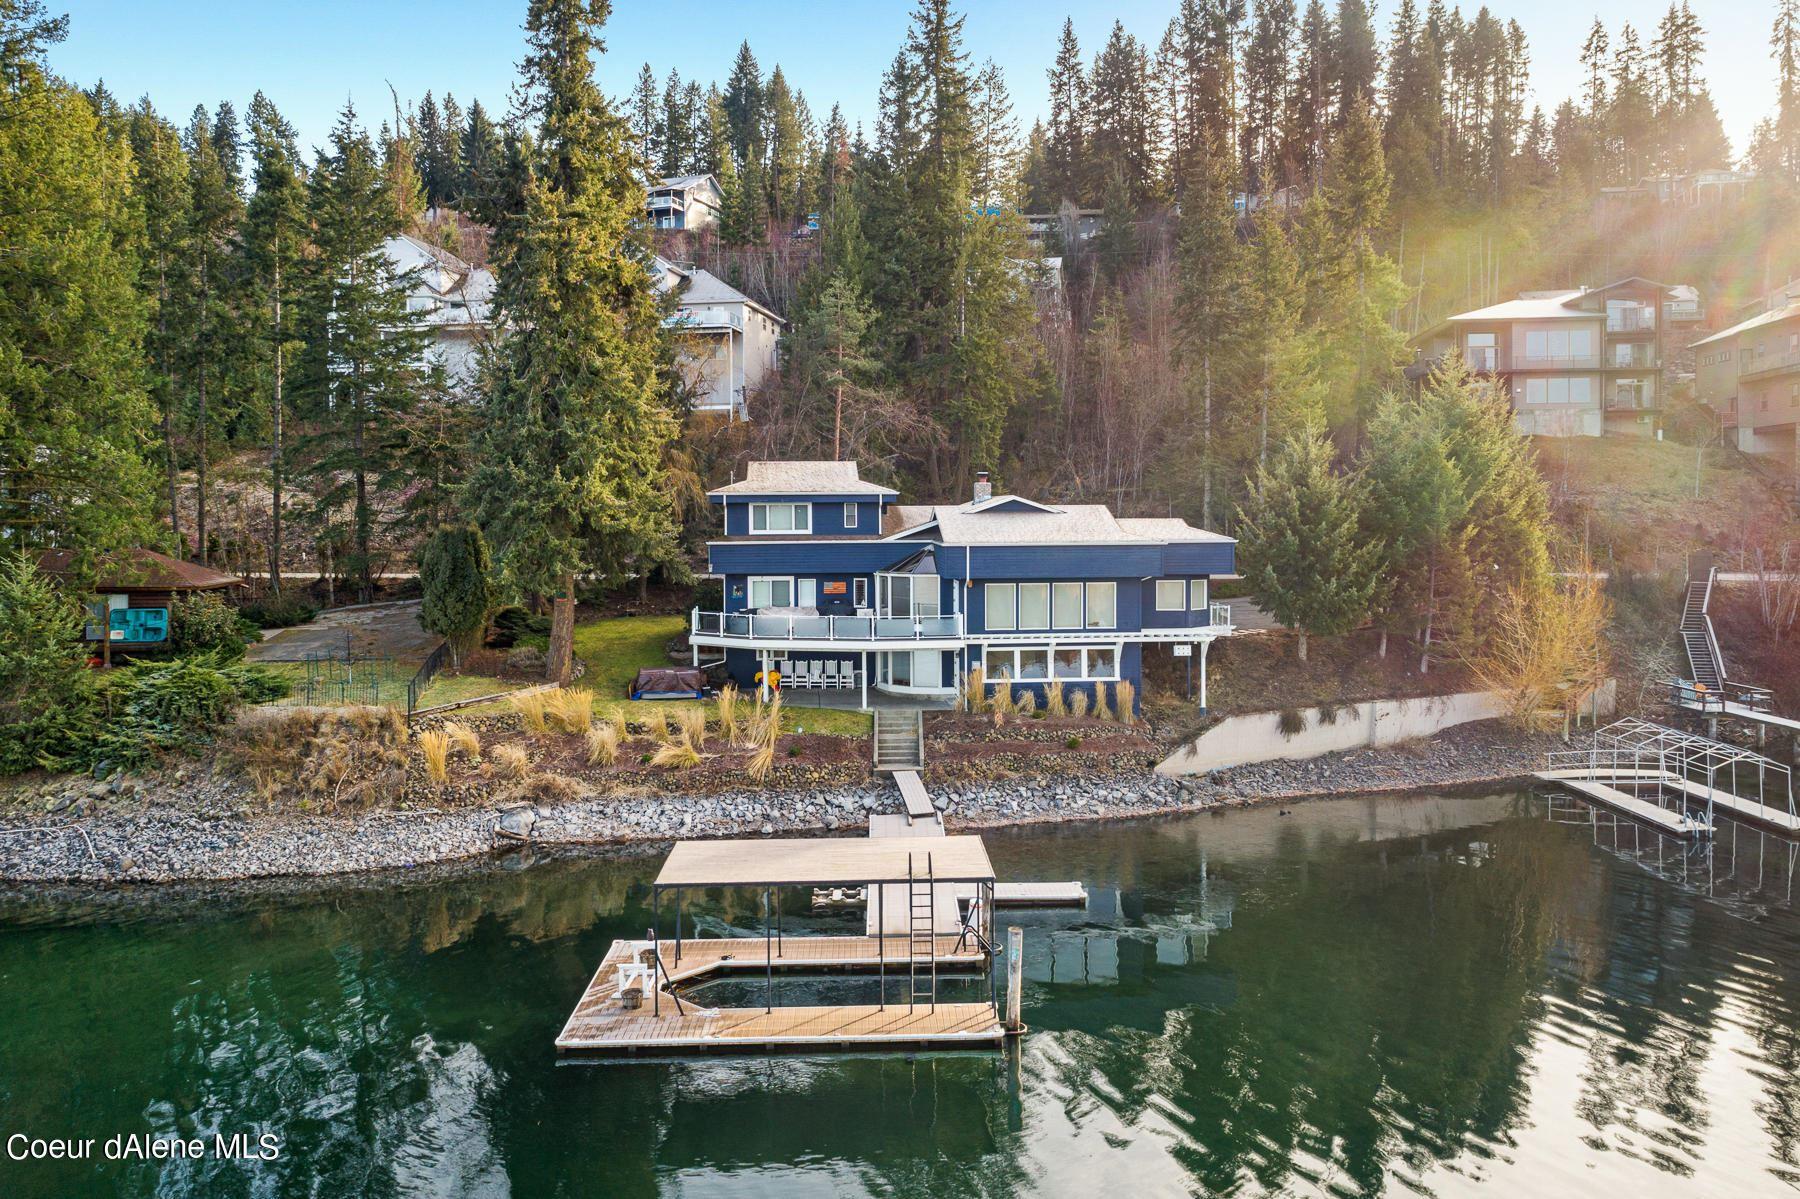 Photo of 2459 E Hayden Lake Rd, Hayden, ID 83835 (MLS # 21-596)